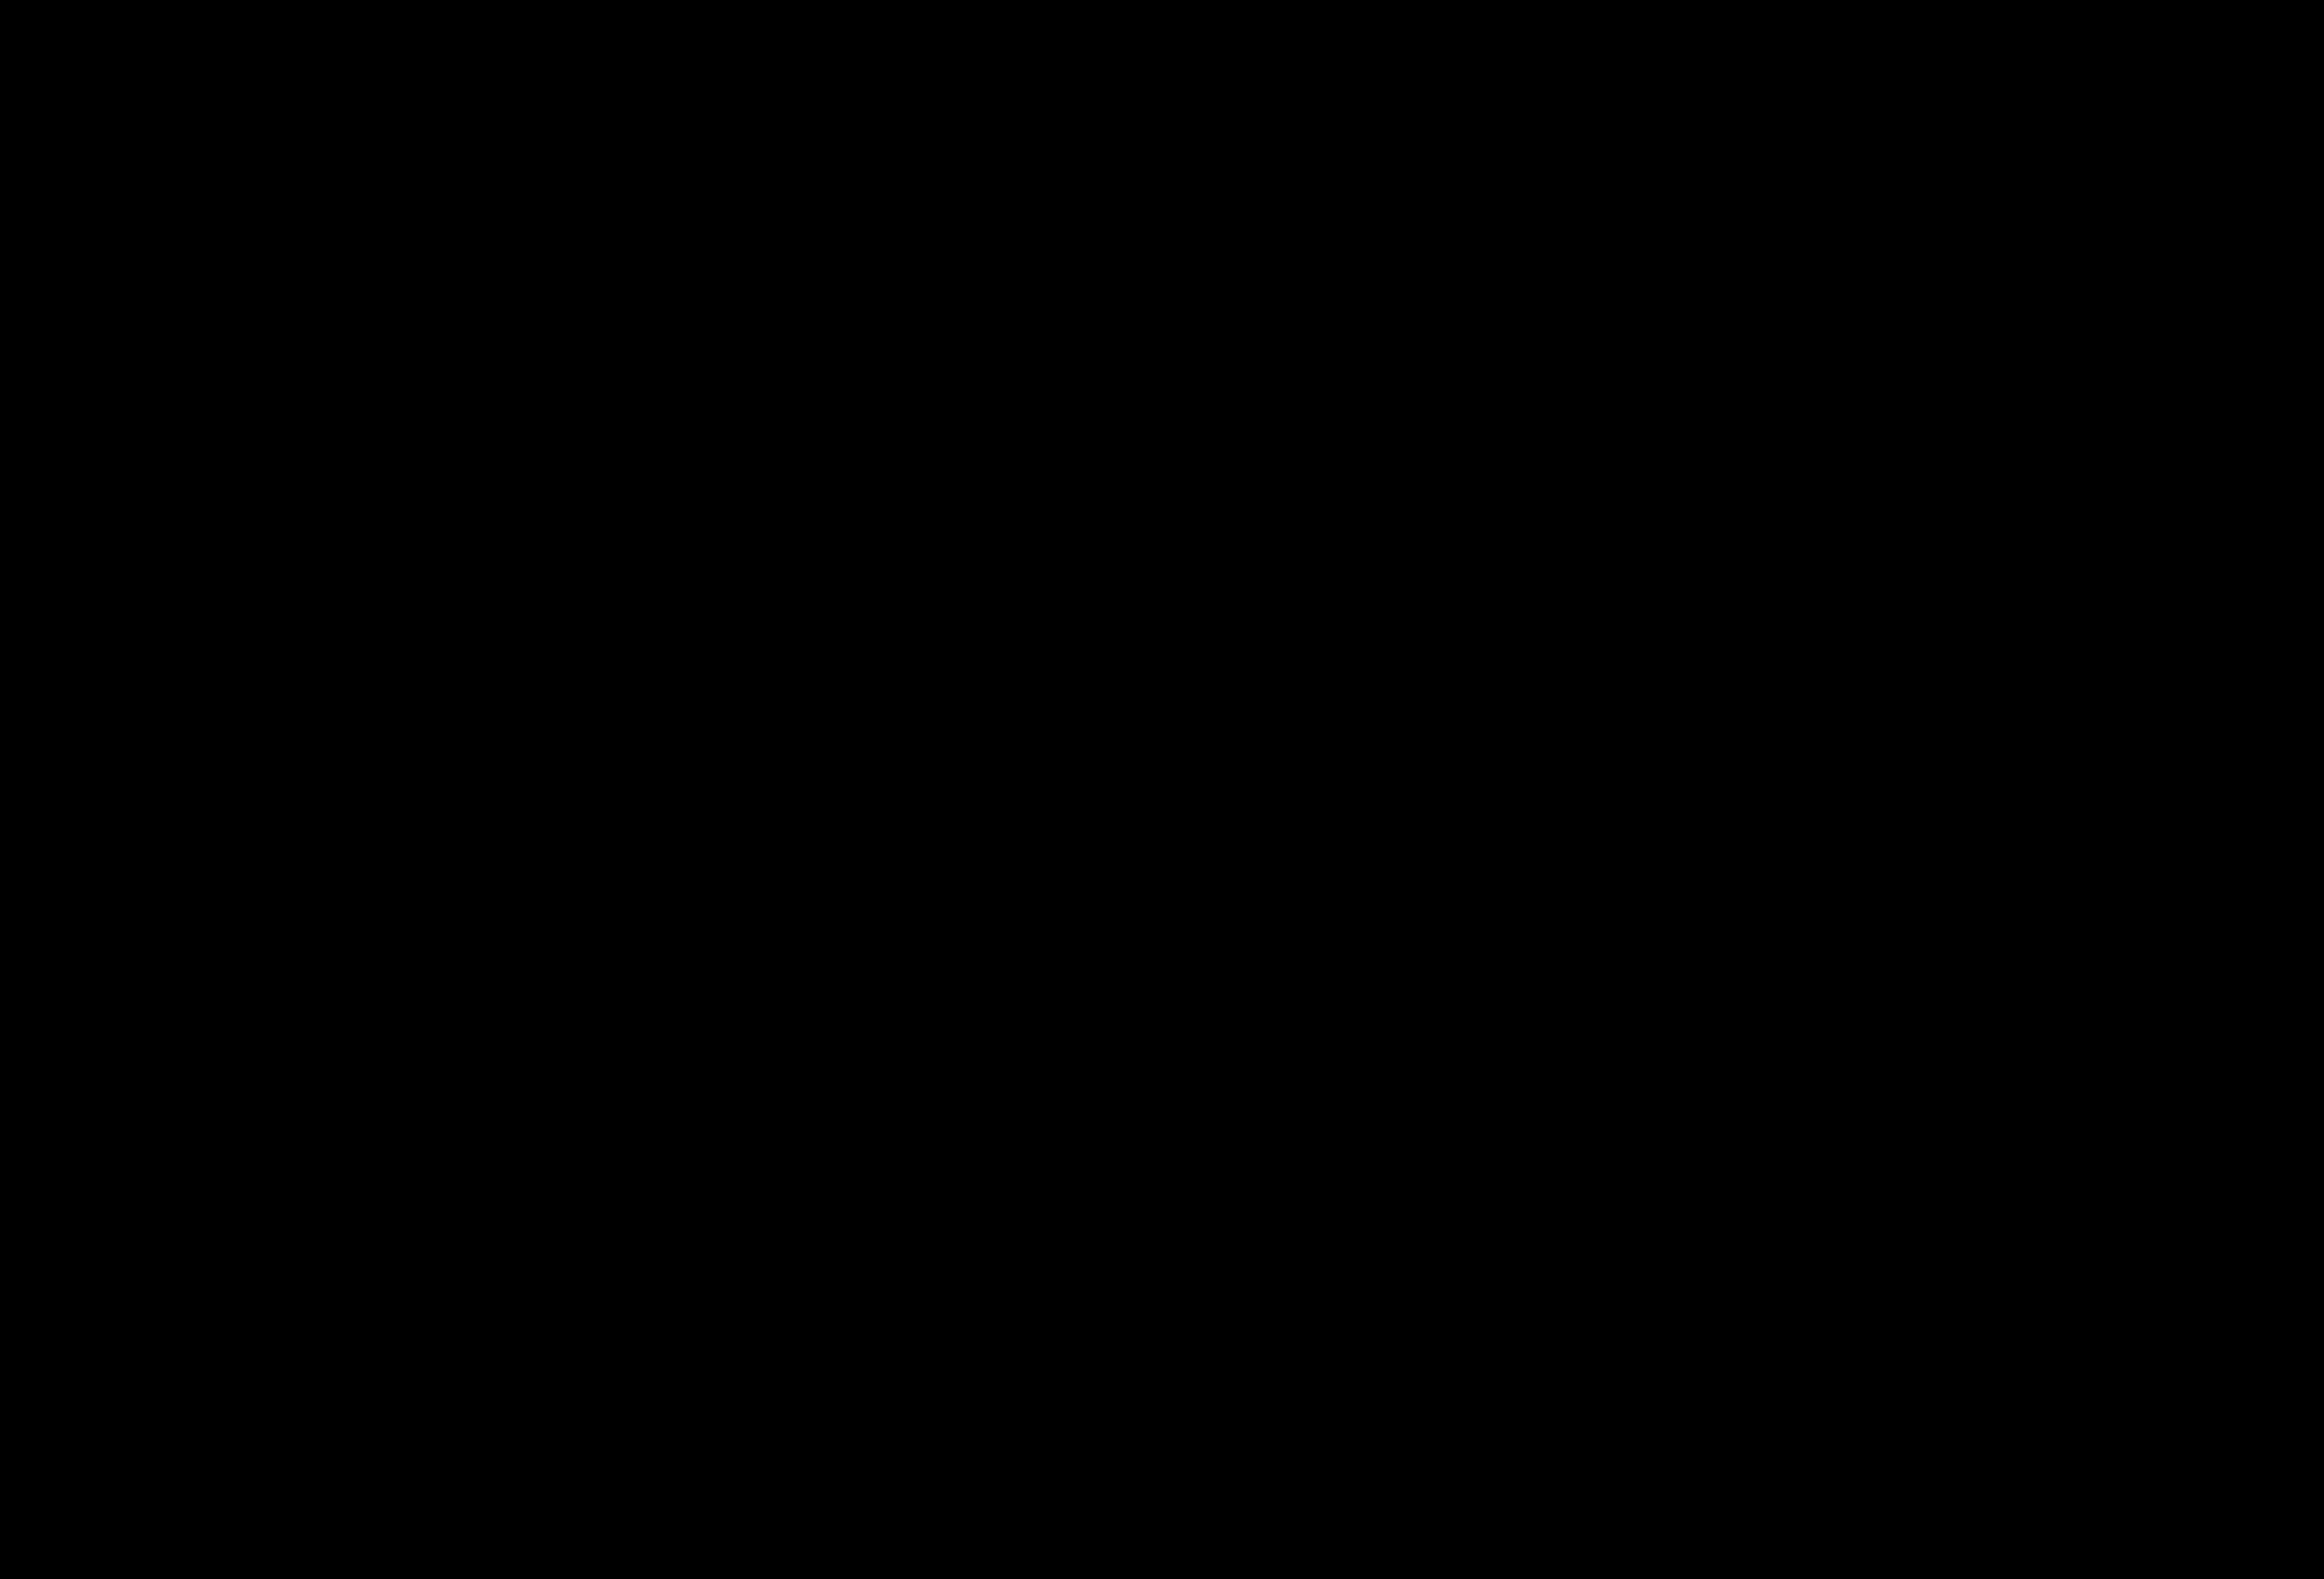 Biografia y Obras de los Pintores de la Hermandad Prerrafaelita - I - Página 2 Night_%26_Sleep